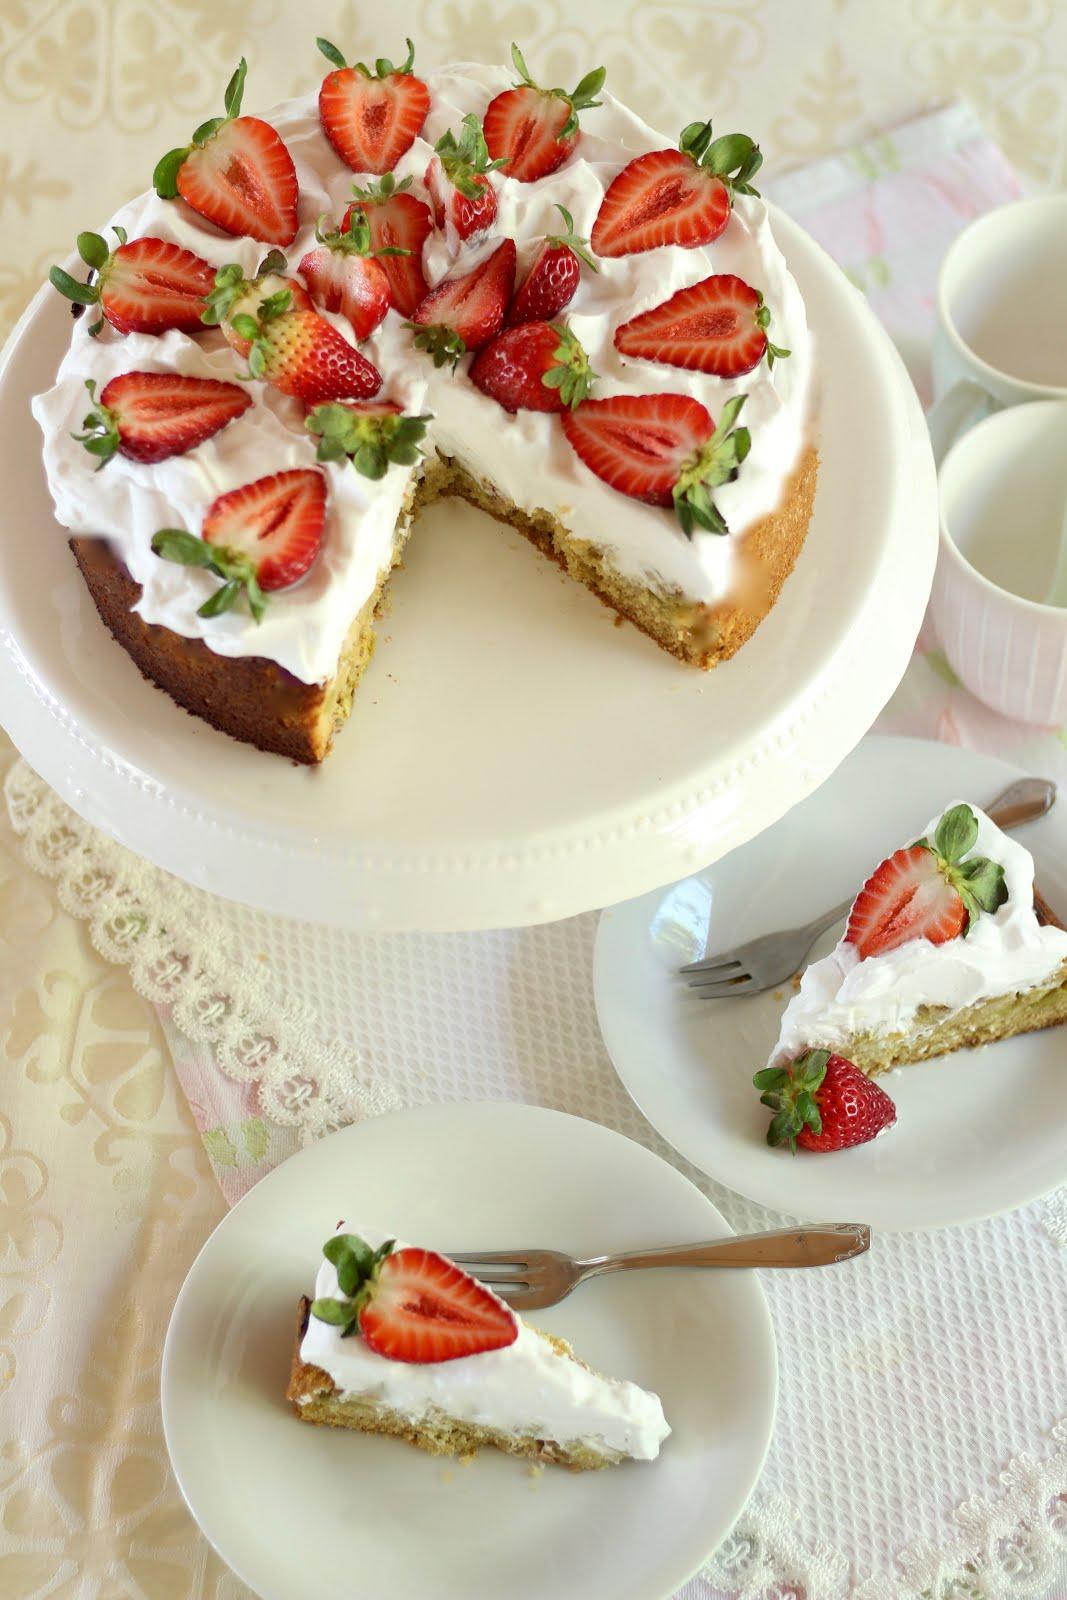 Himmlische Erdbeer-Rhabarber-Torte mit Sahnehaube | Rezept und Video von Sugarprincess